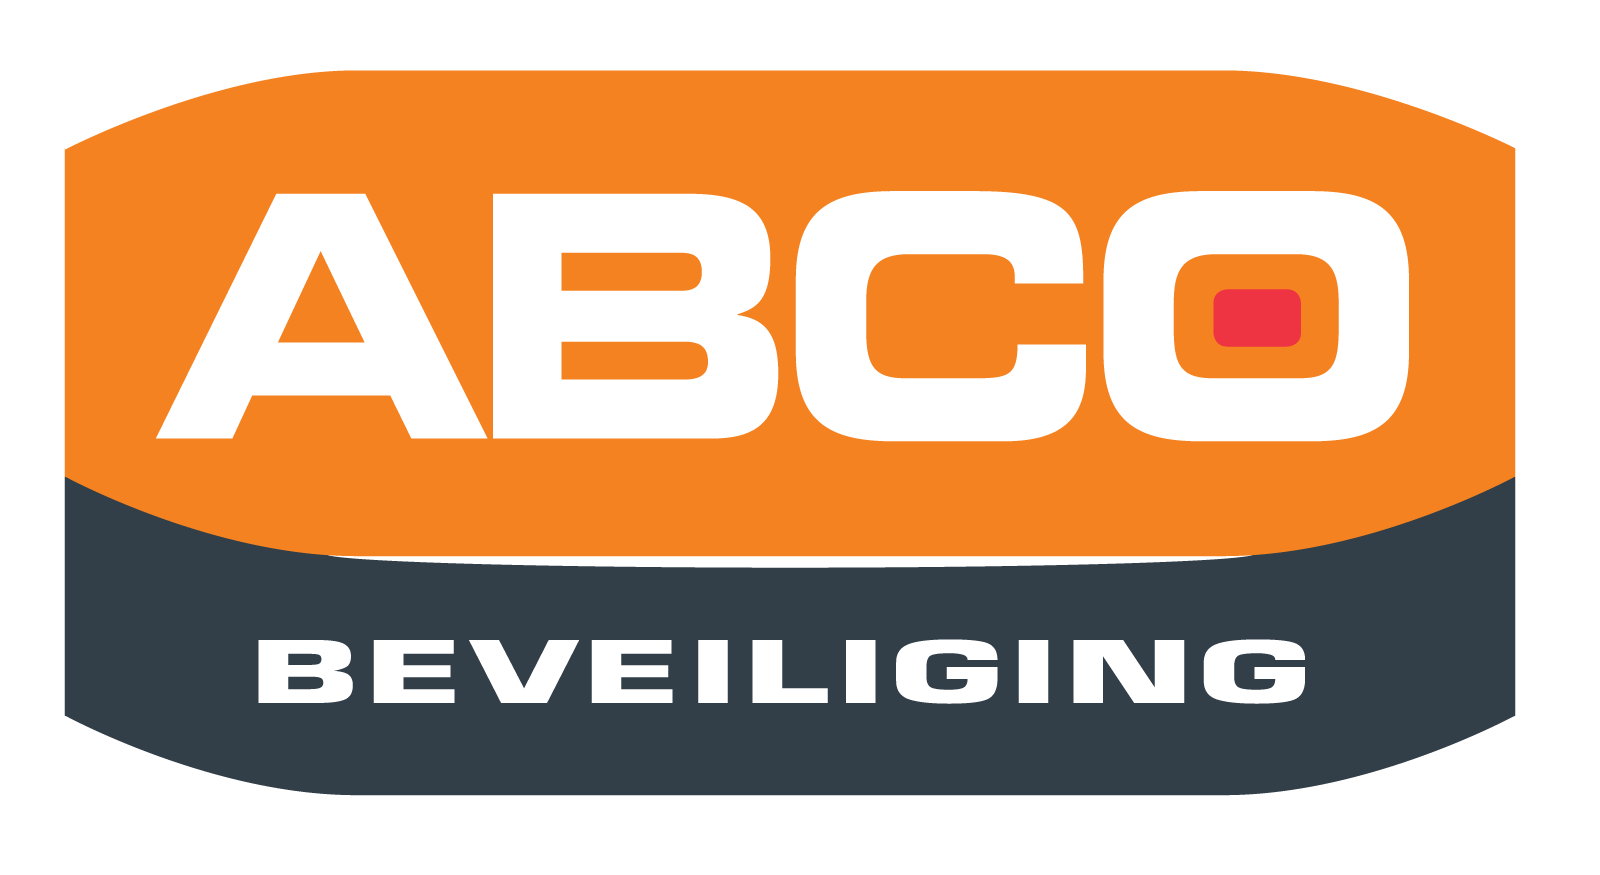 ABCO Beveiliging logo